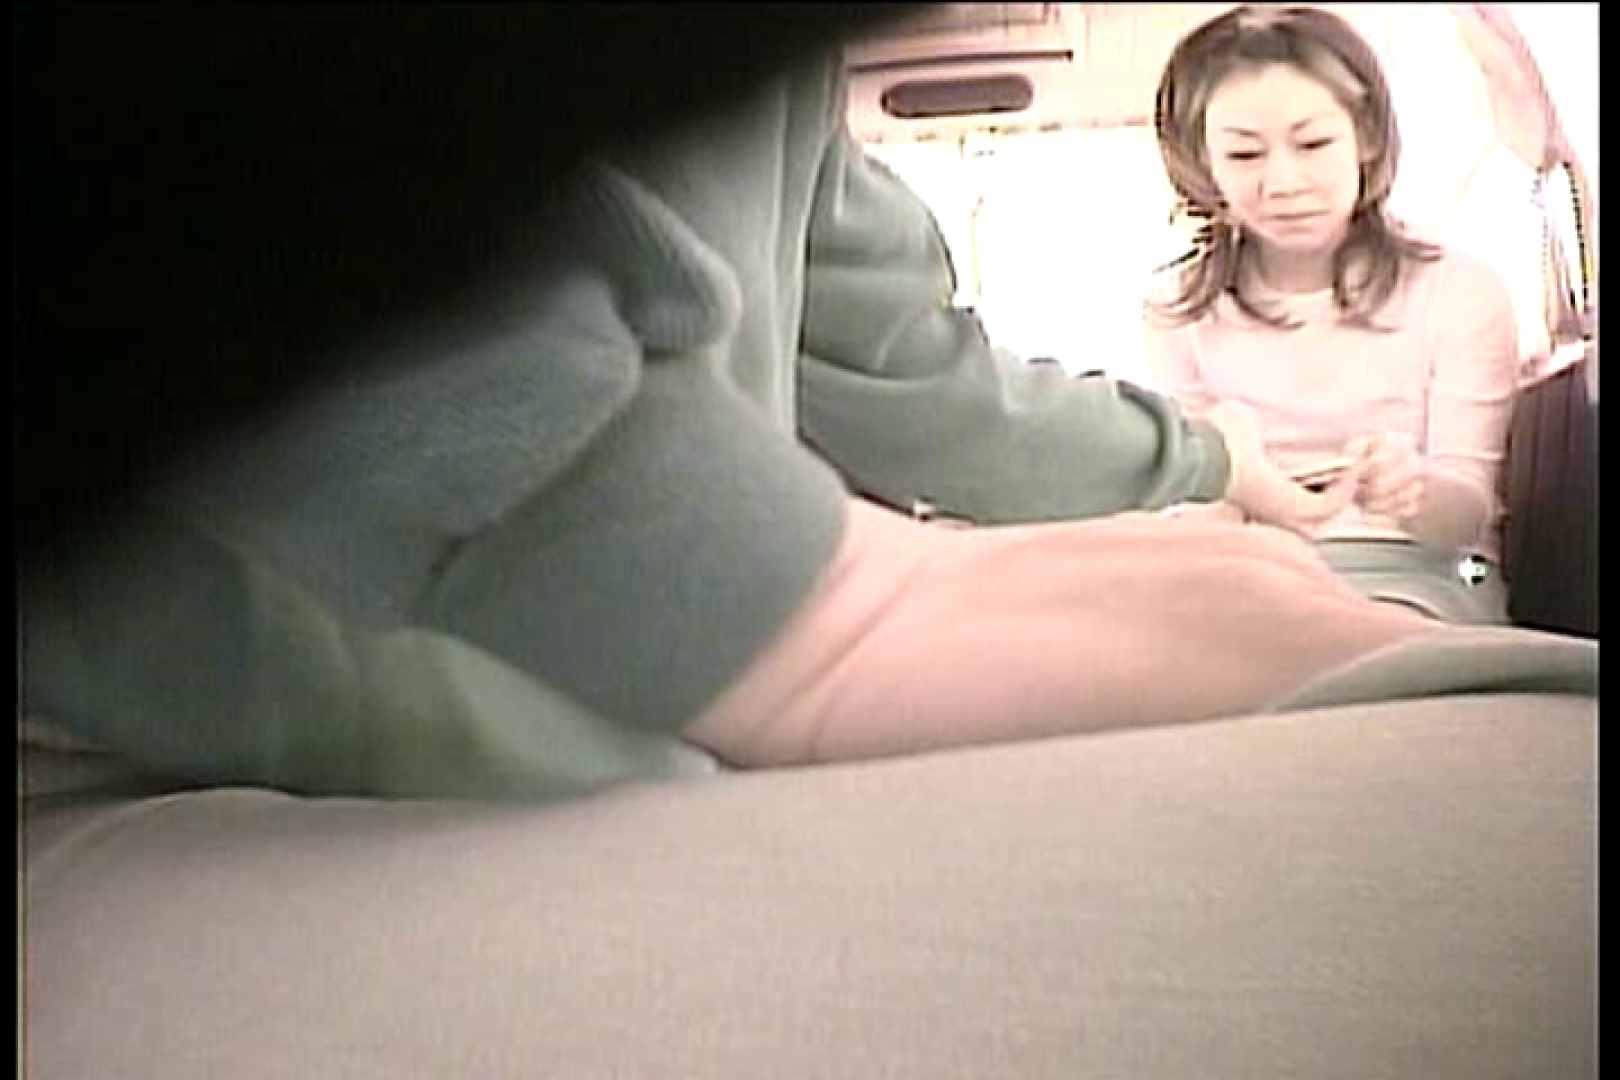 新・単位が欲しい子このマラとまれ!Vol.13 盗撮 隠し撮りオマンコ動画紹介 49画像 47